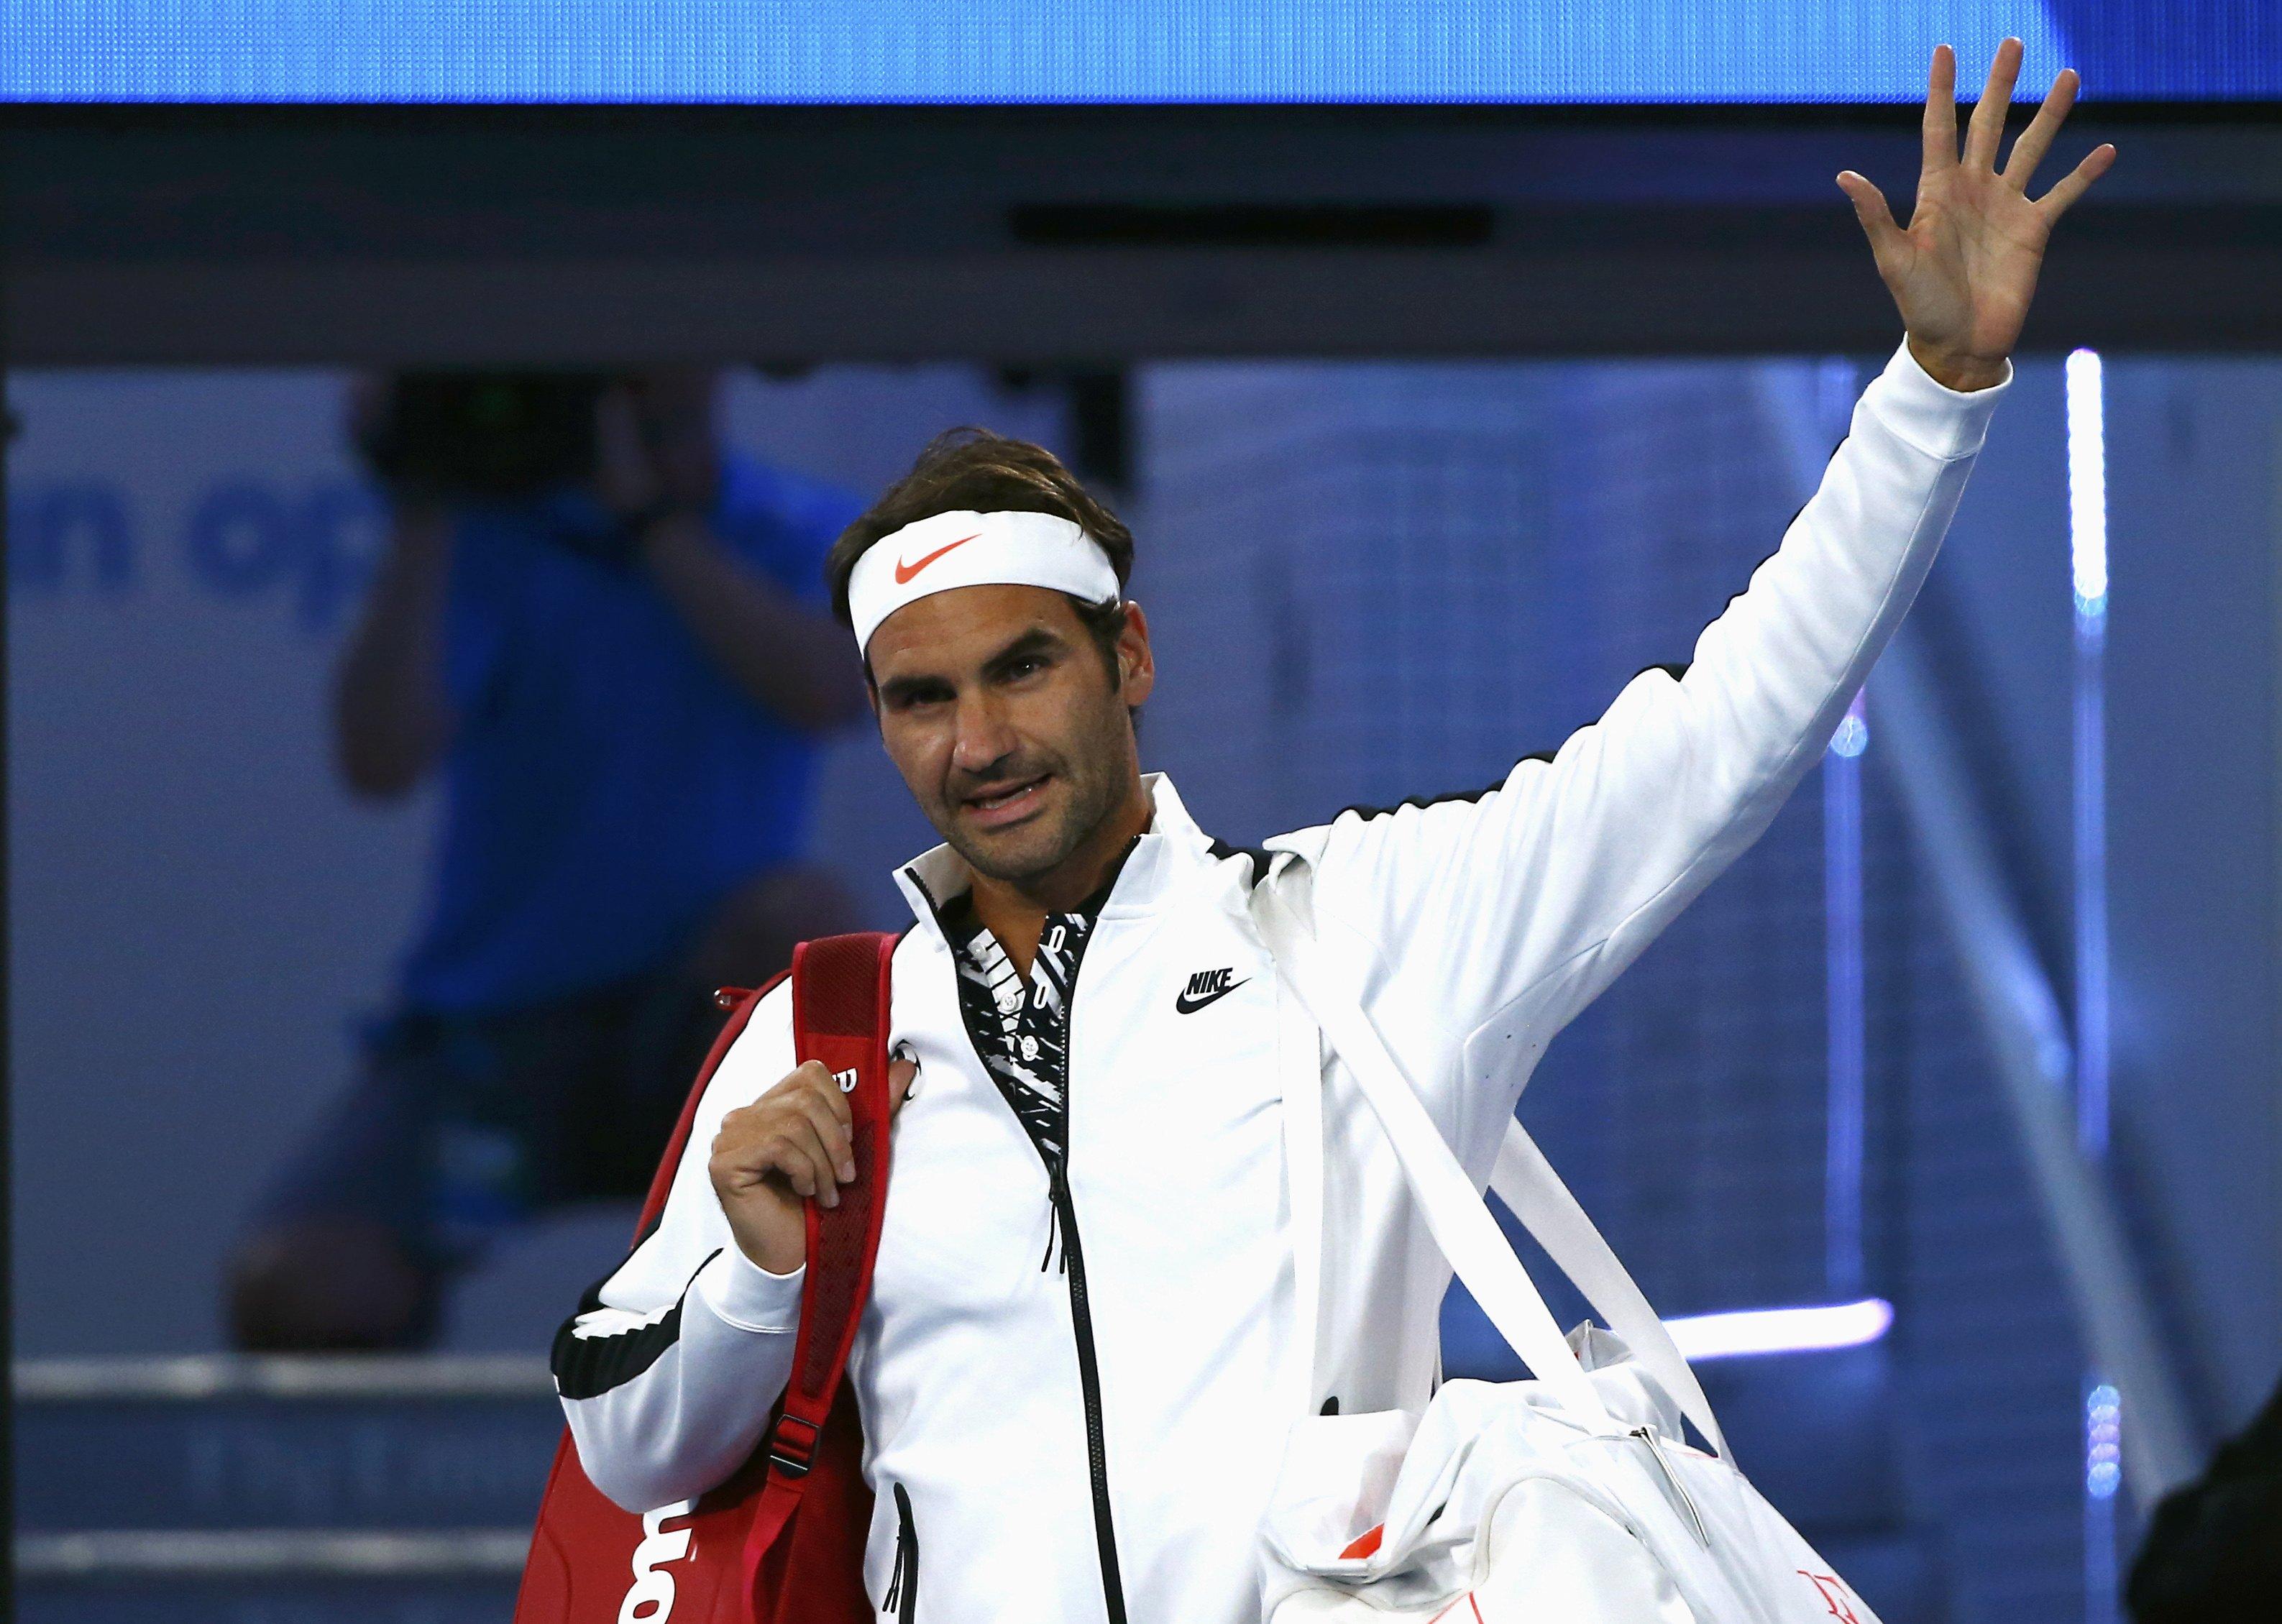 Tennis - Open Australie - Malgré un set lâché, Federer a rassuré